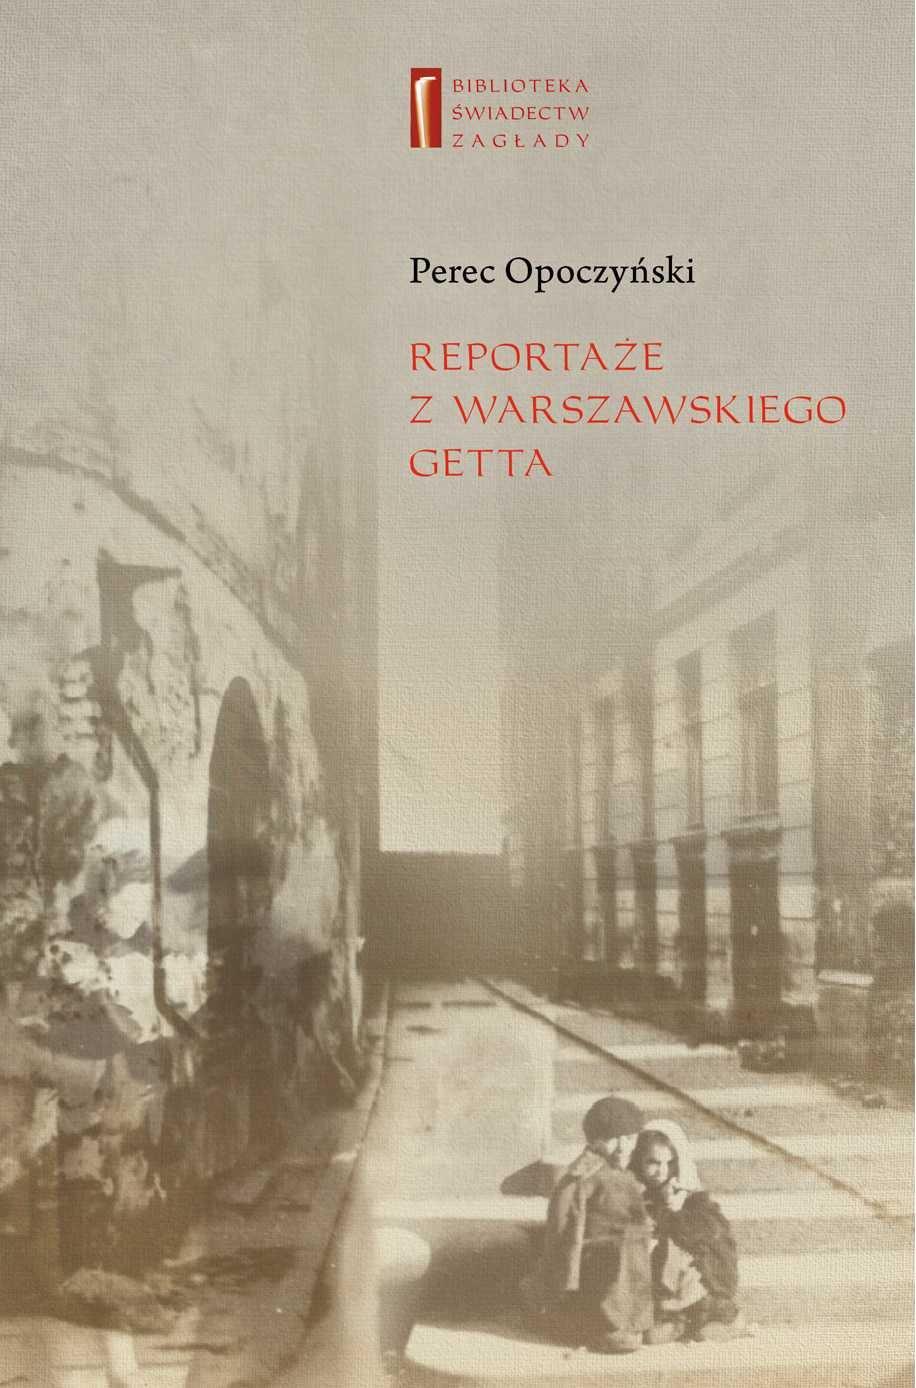 Reportaże z warszawskiego getta - Ebook (Książka EPUB) do pobrania w formacie EPUB